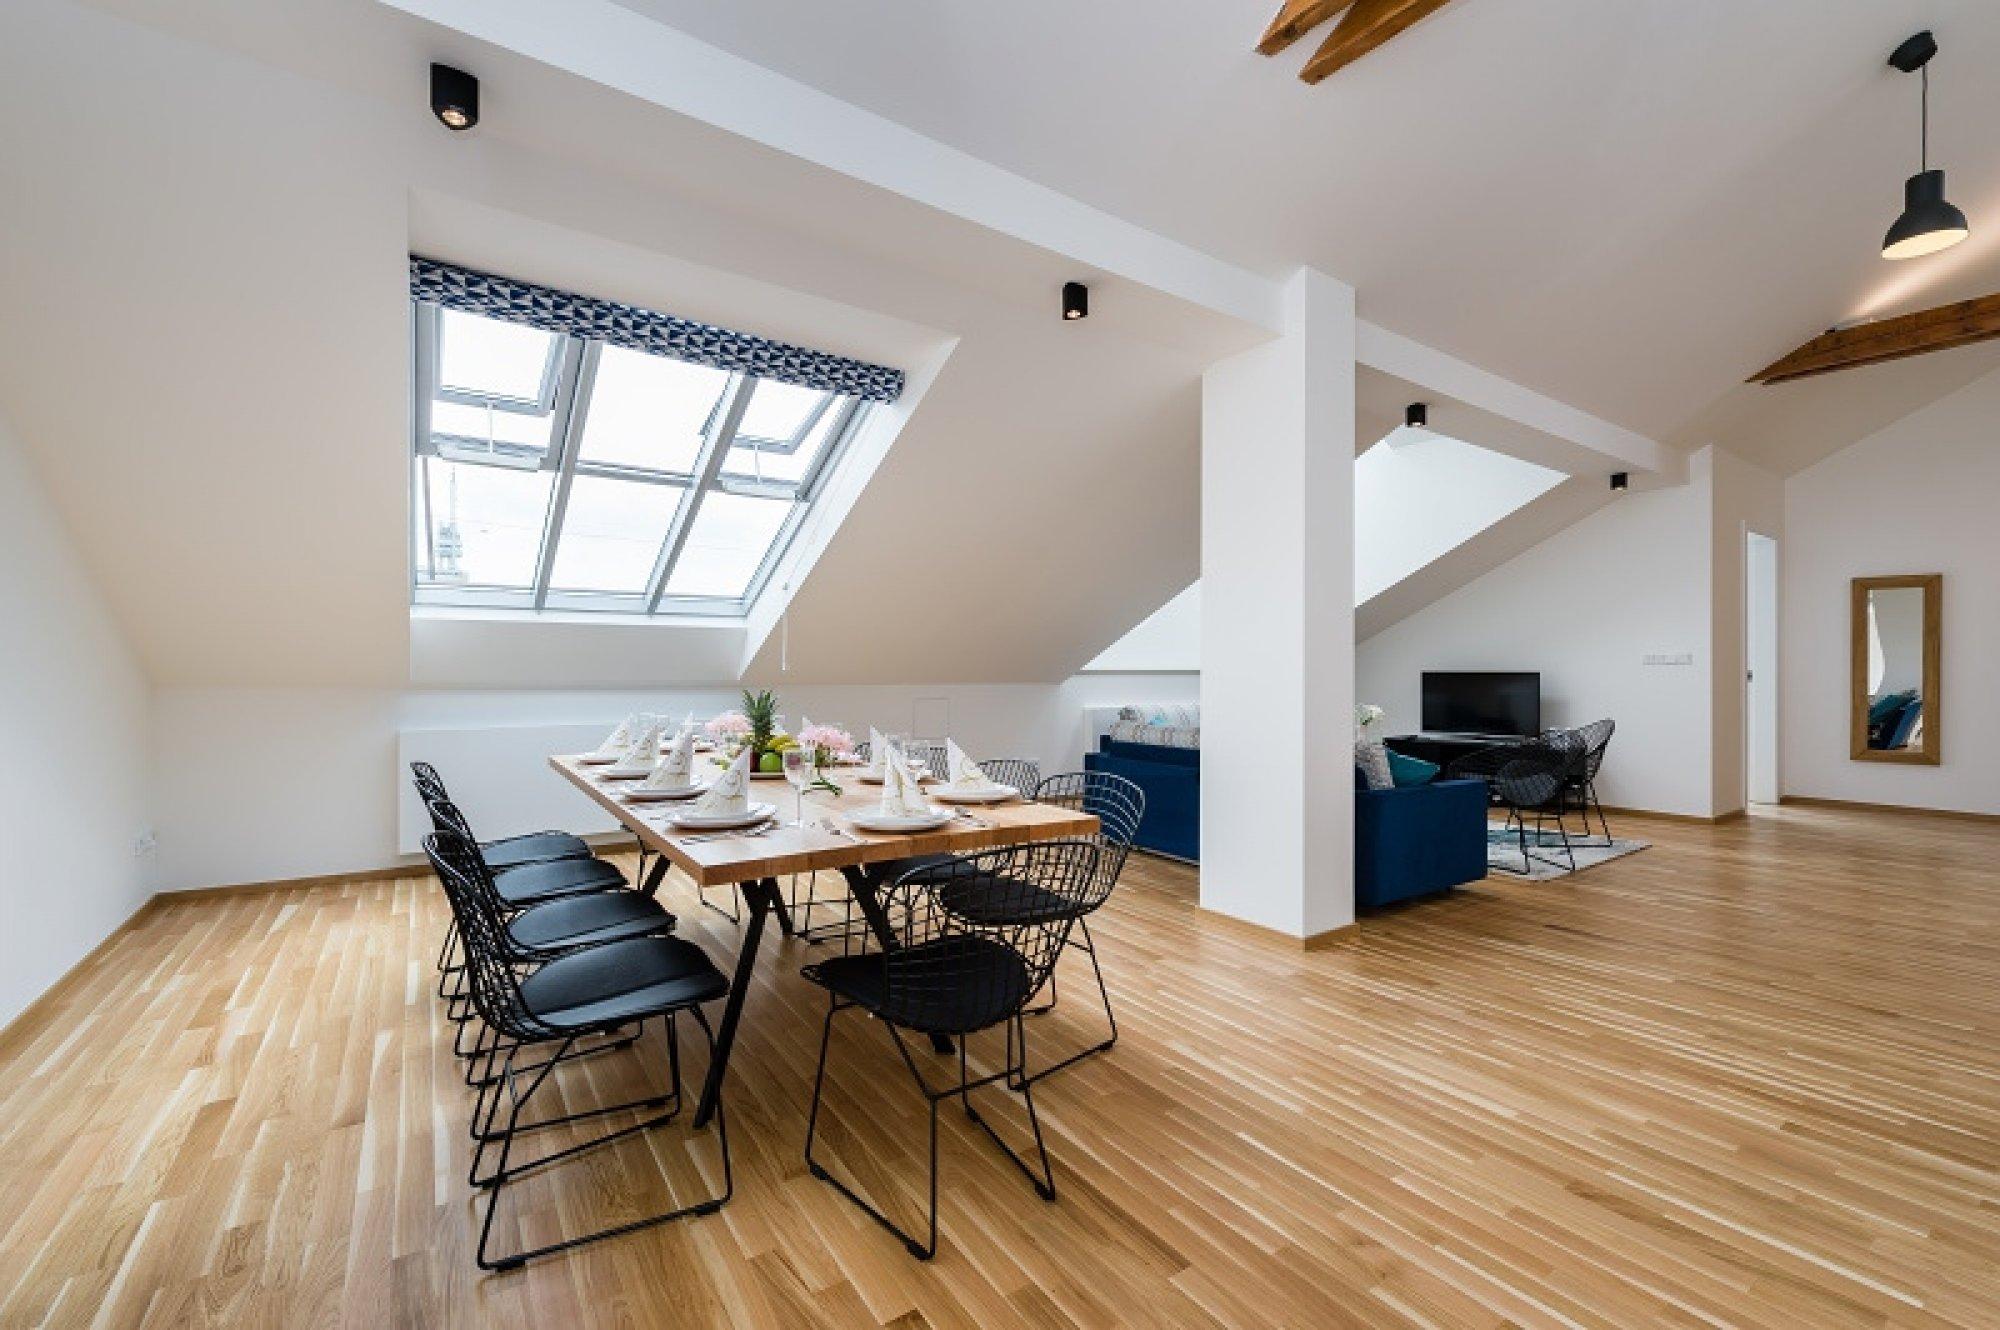 Půdní byt 6+kk, plocha 247 m², ulice U Bulhara, Praha 1 - Nové Město | 3